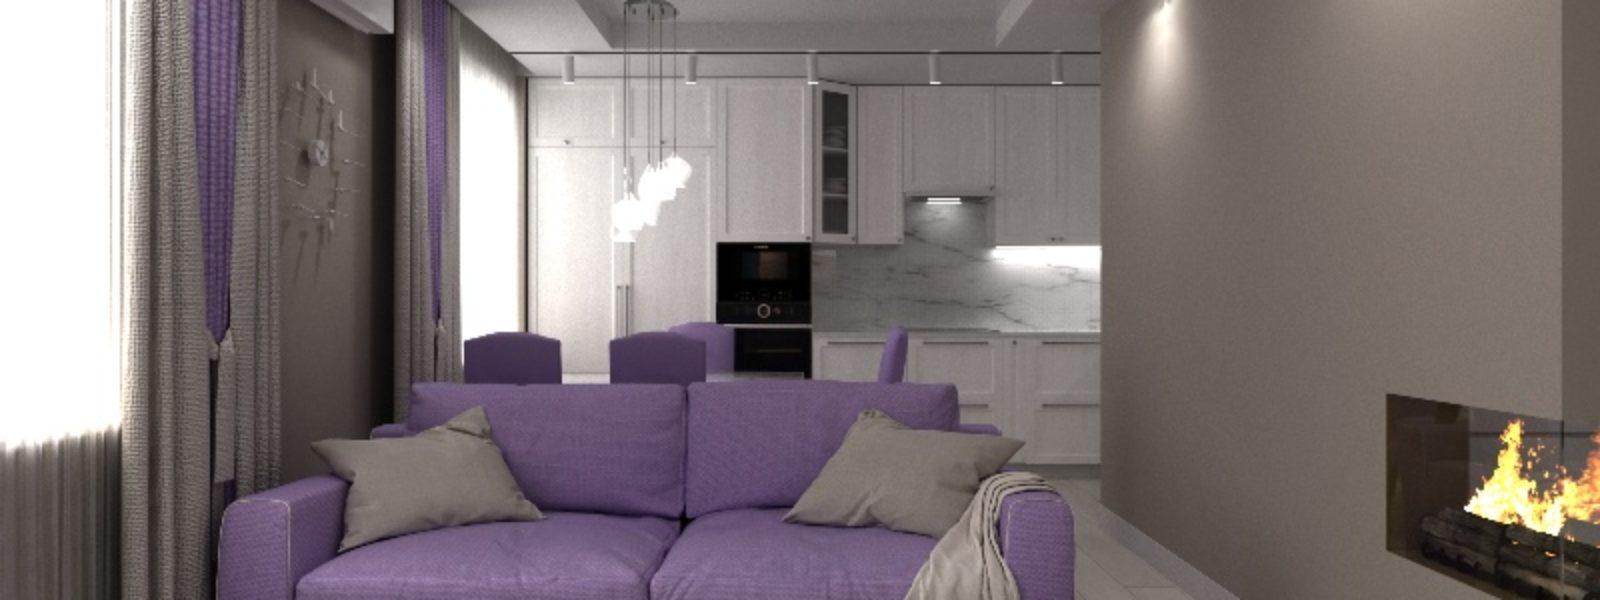 Дизайн проект трехкомнатной квартиры. Гостиная.